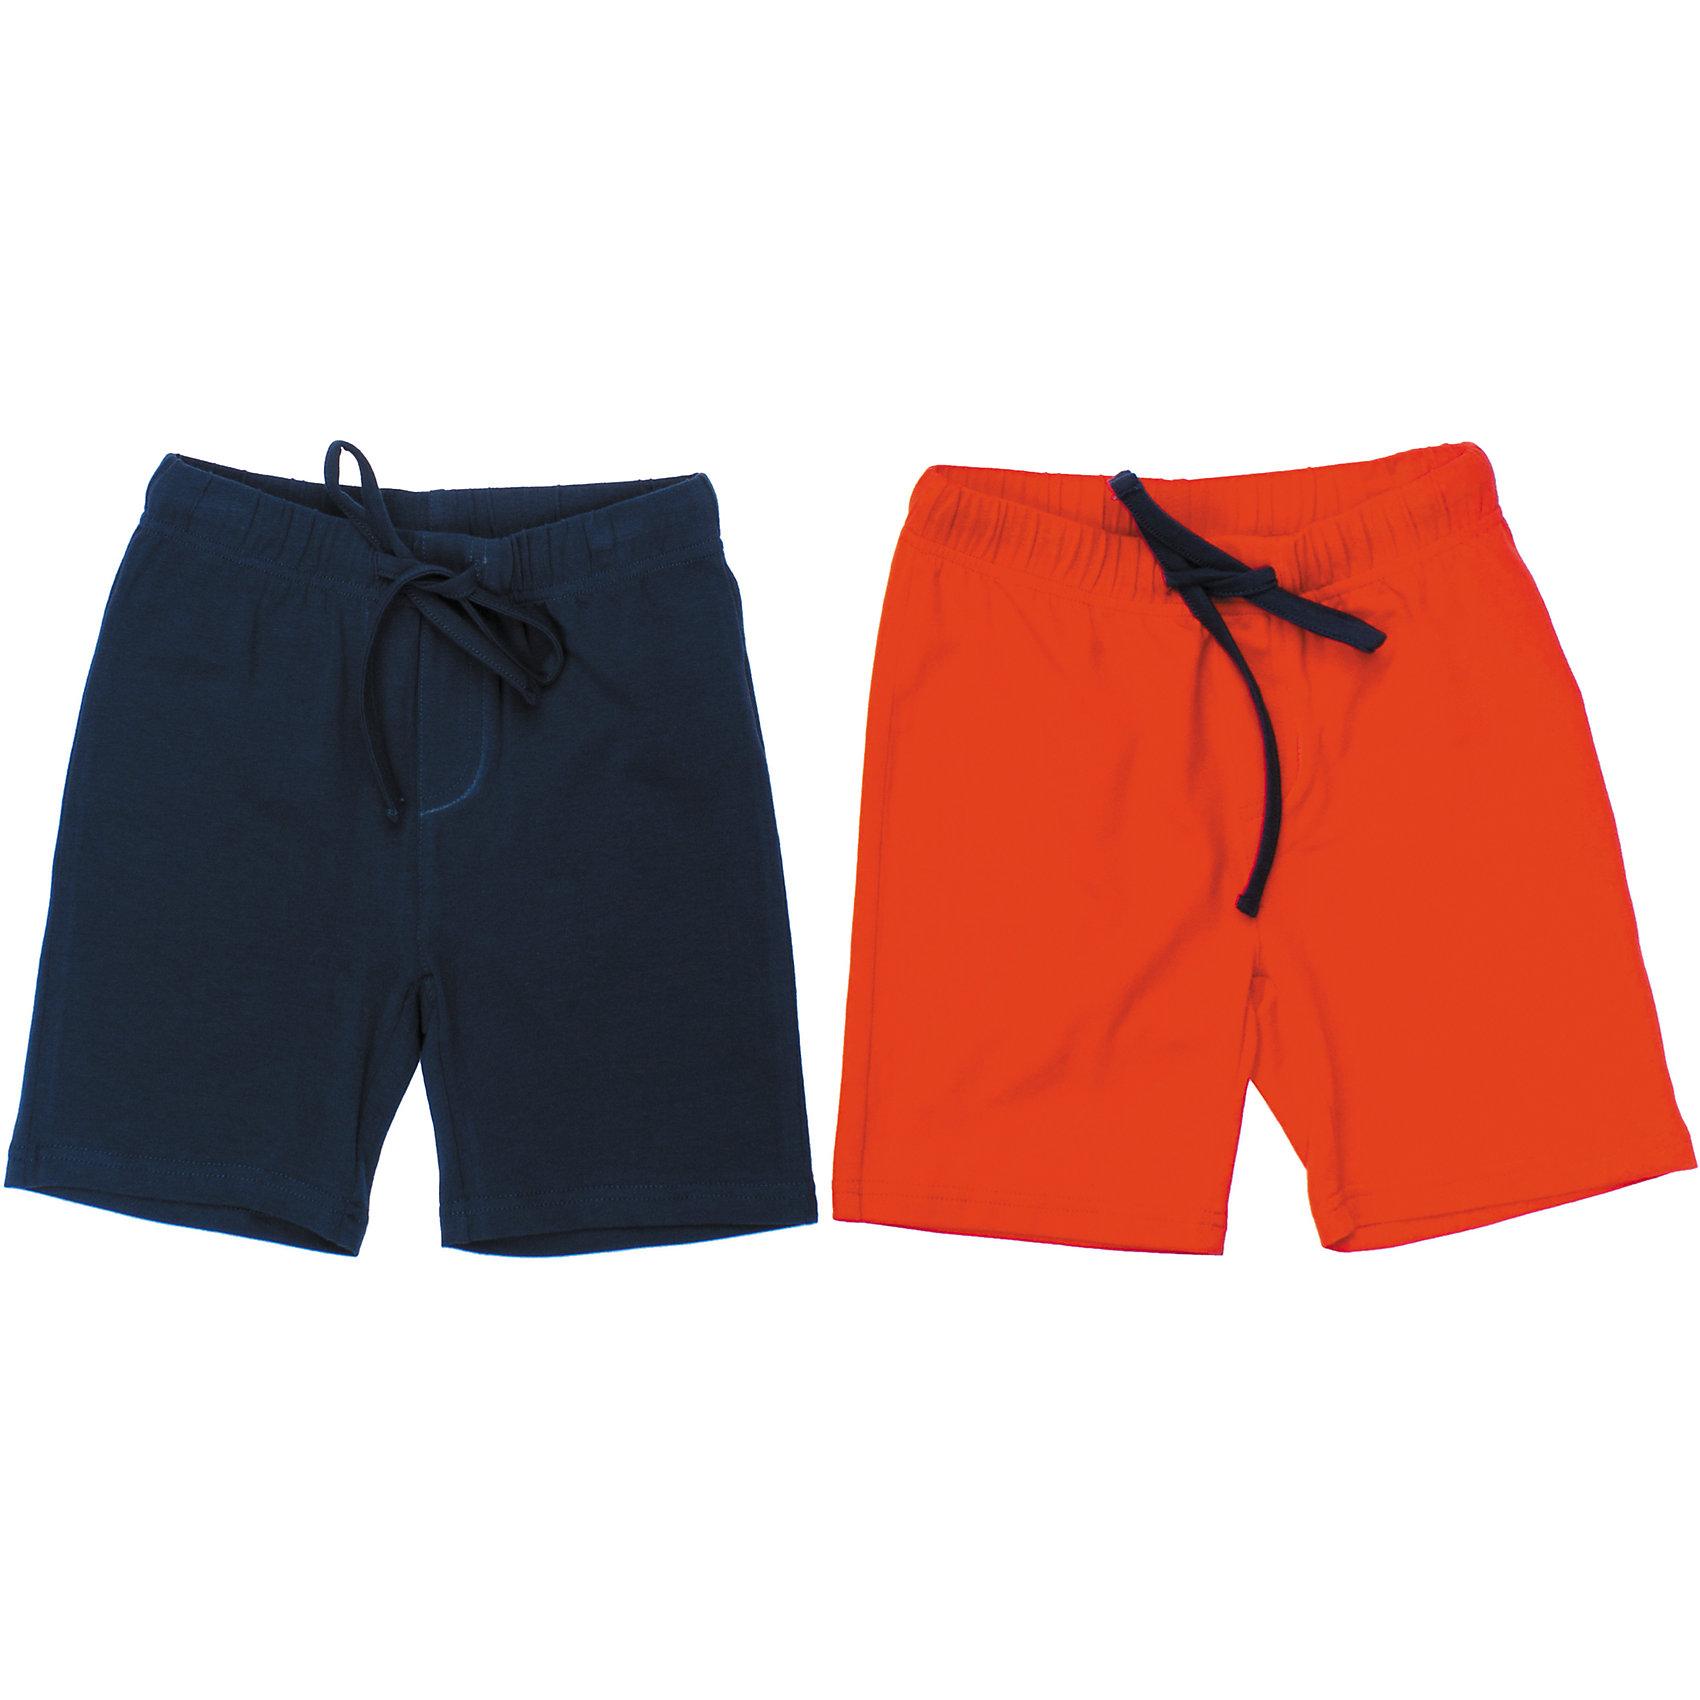 Шорты (2 шт.) для мальчика PlayTodayКомплект из двух пар хлопковых шорт. Цвета - темно-синий и оранжевый. Однотонные, хорошо смотрятся с любыми футболками. Пояс на мягкой резинке, дополнительно регулируется шнурком. Состав: 95% хлопок, 5% эластан<br><br>Ширина мм: 191<br>Глубина мм: 10<br>Высота мм: 175<br>Вес г: 273<br>Цвет: синий<br>Возраст от месяцев: 24<br>Возраст до месяцев: 36<br>Пол: Мужской<br>Возраст: Детский<br>Размер: 98,110,104,116,122,128<br>SKU: 4652554